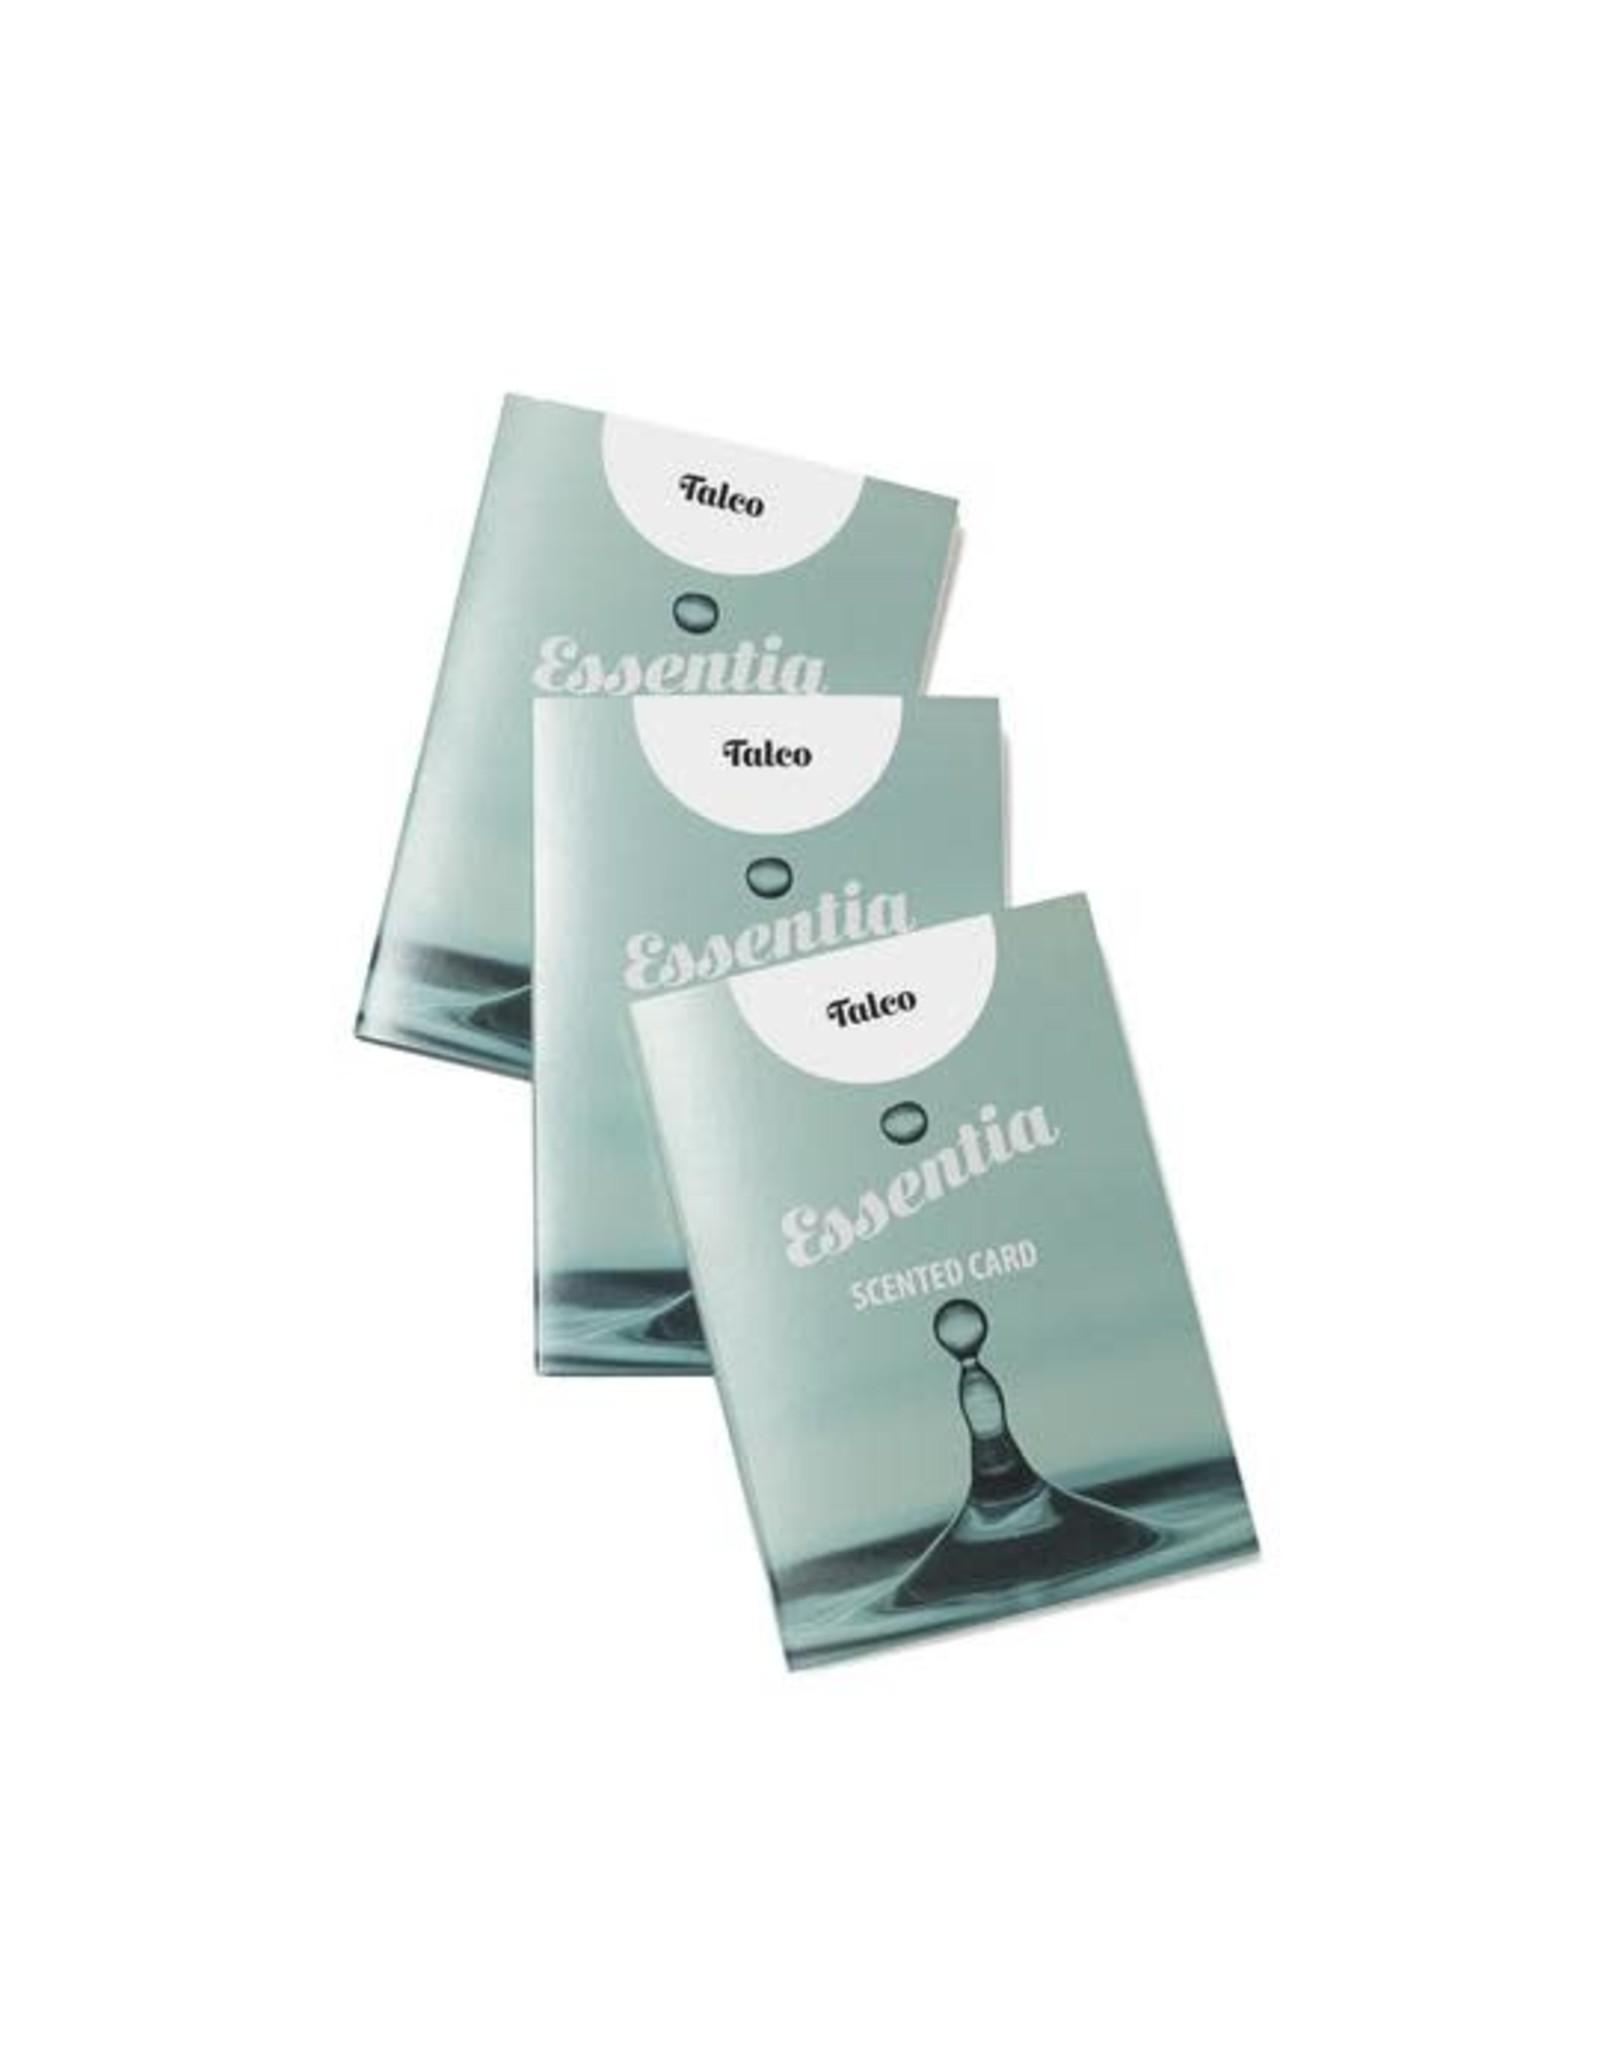 Wasgeluk Geurkaart - Vanille met bergamot